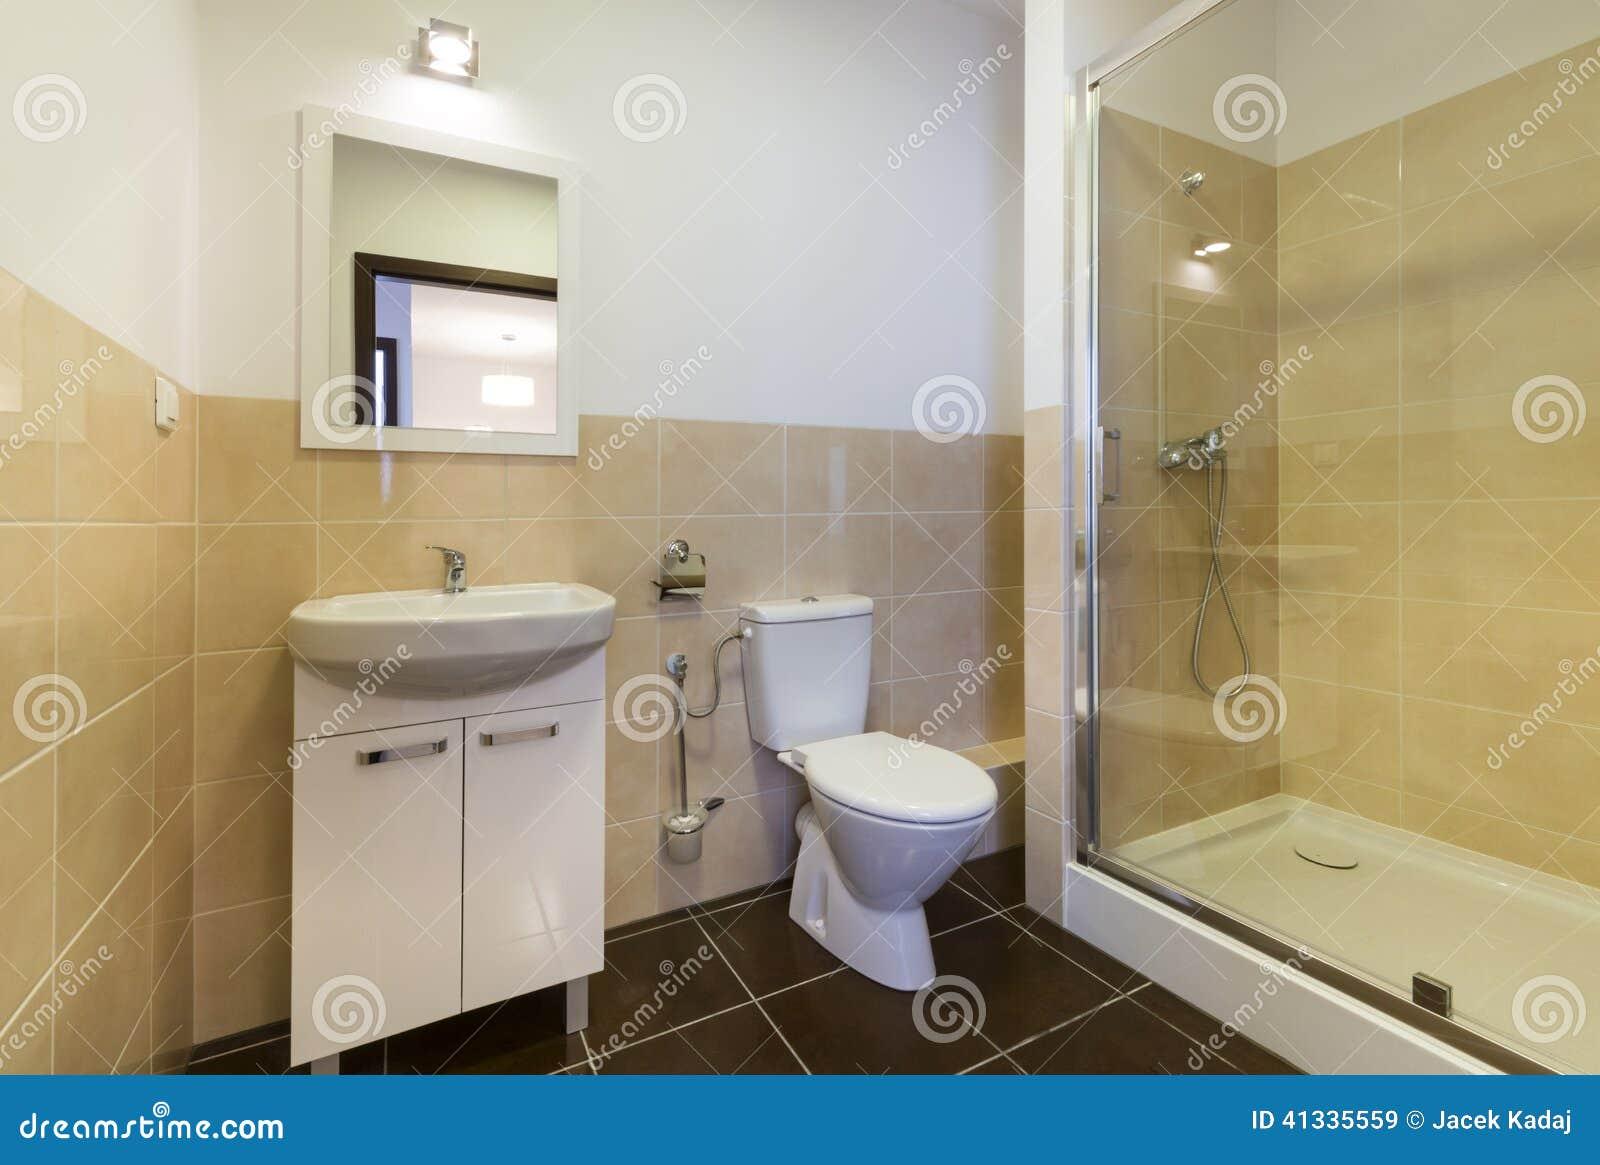 Modernt Badrum Med Vaskar, Toalett Arkivfoto - Bild: 41335559